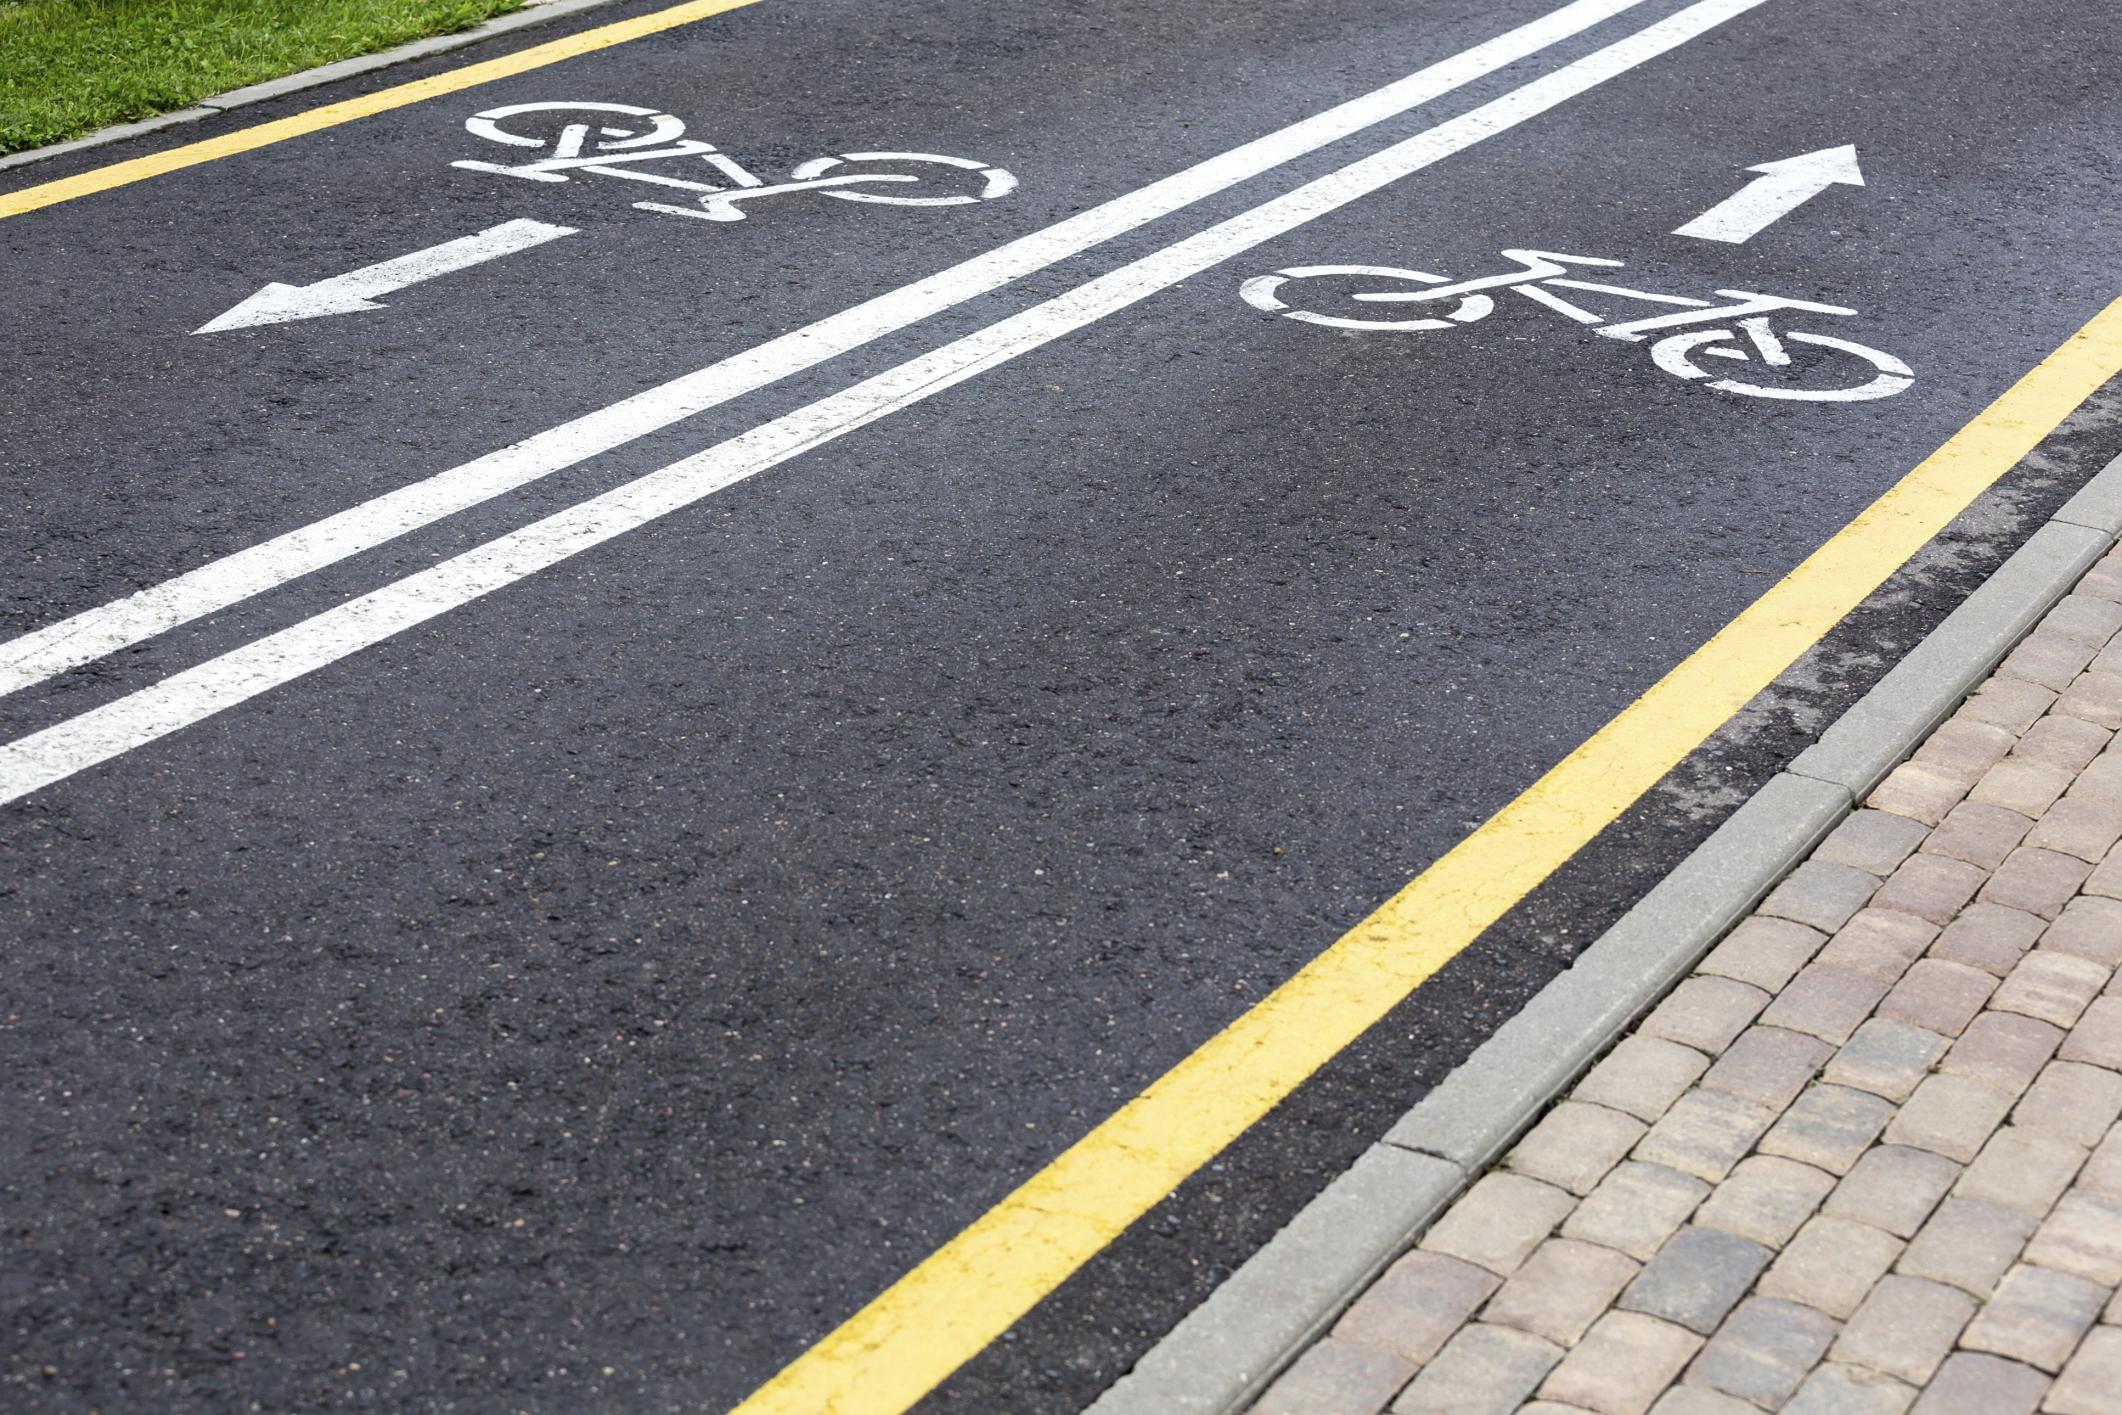 Le piste ciclabili a Torino funzionano: migliaia di passaggi, record in corso Francia